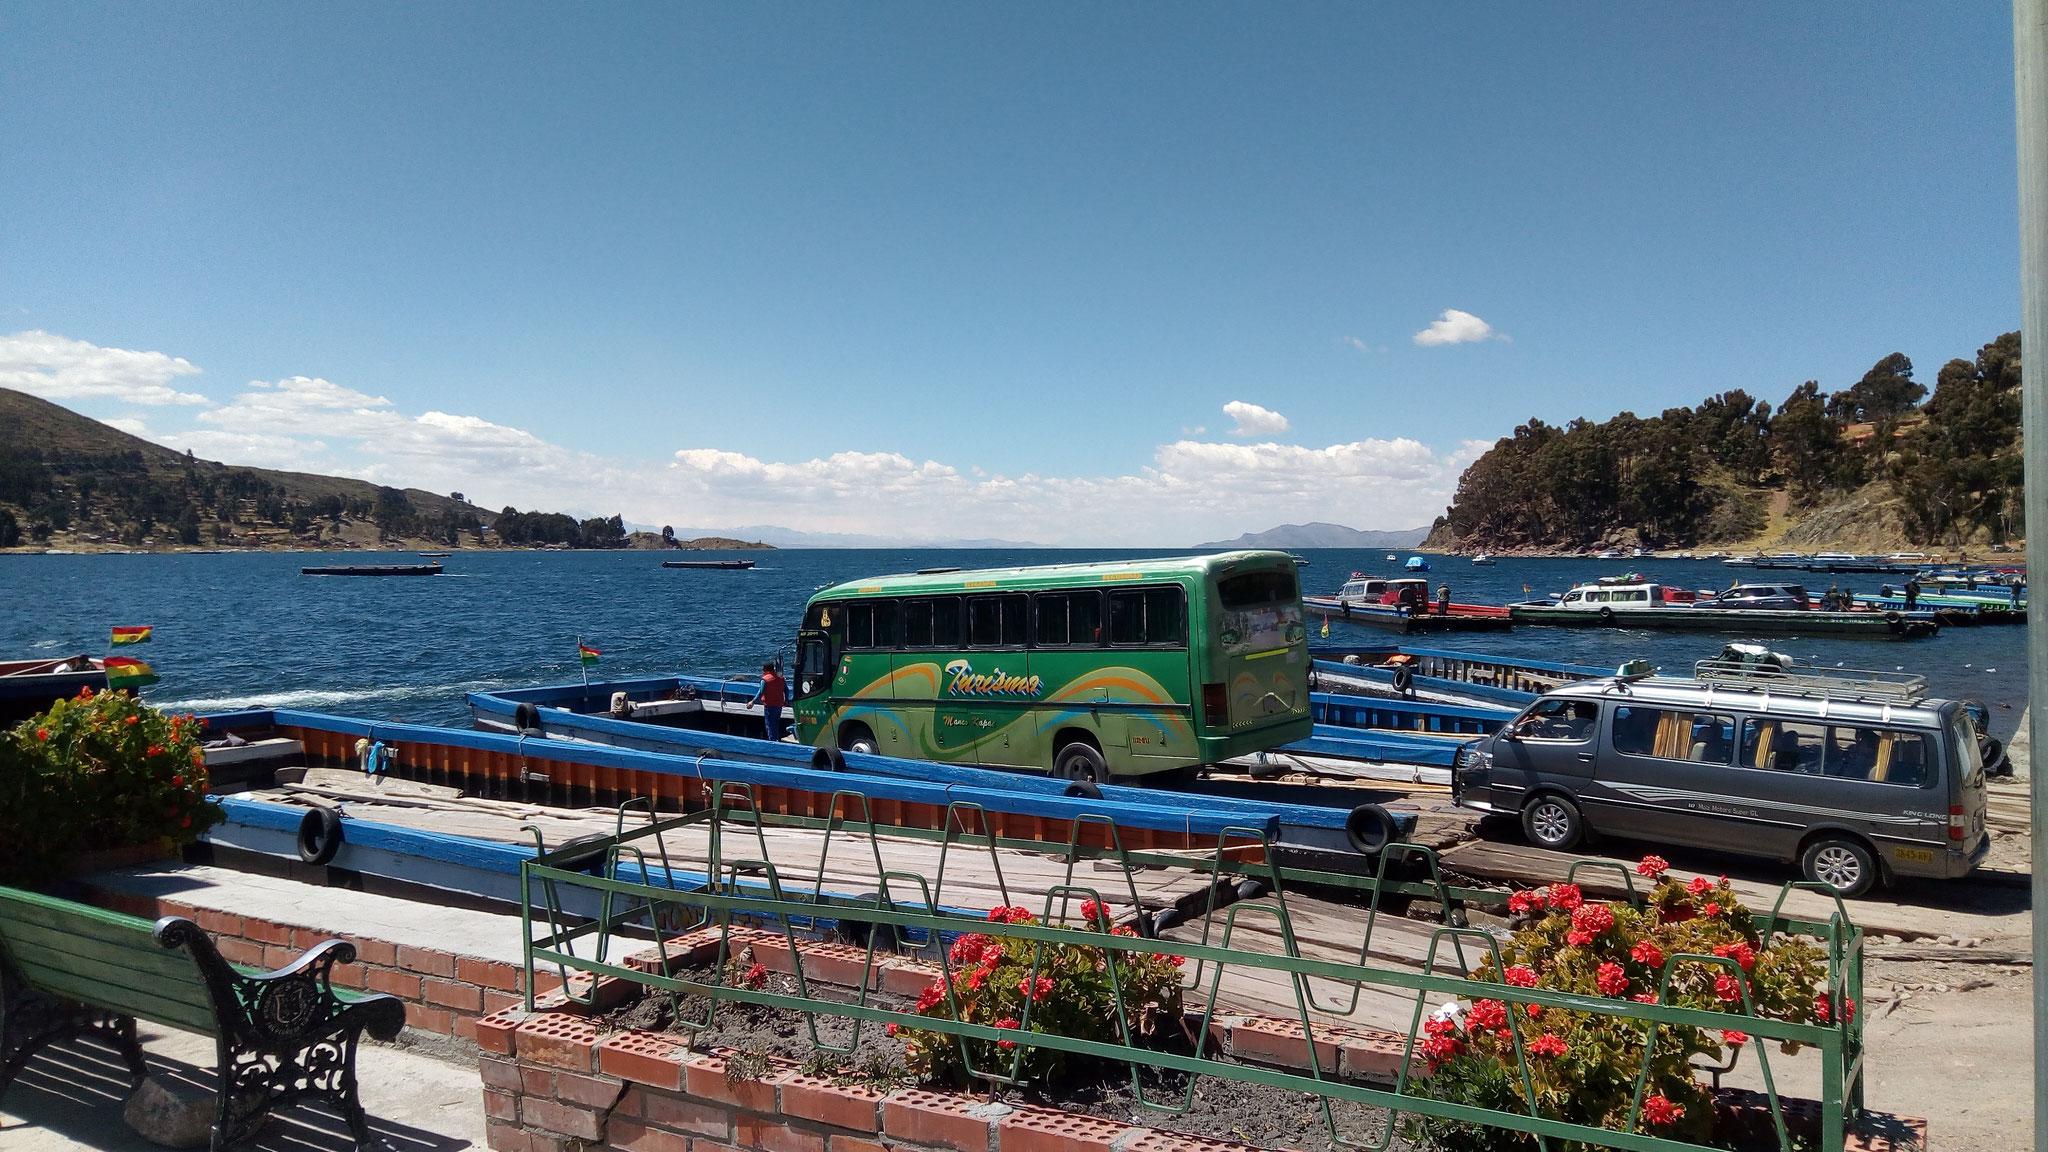 Notre bus prêt à passer le la Titicaca sur le chemin de La Paz